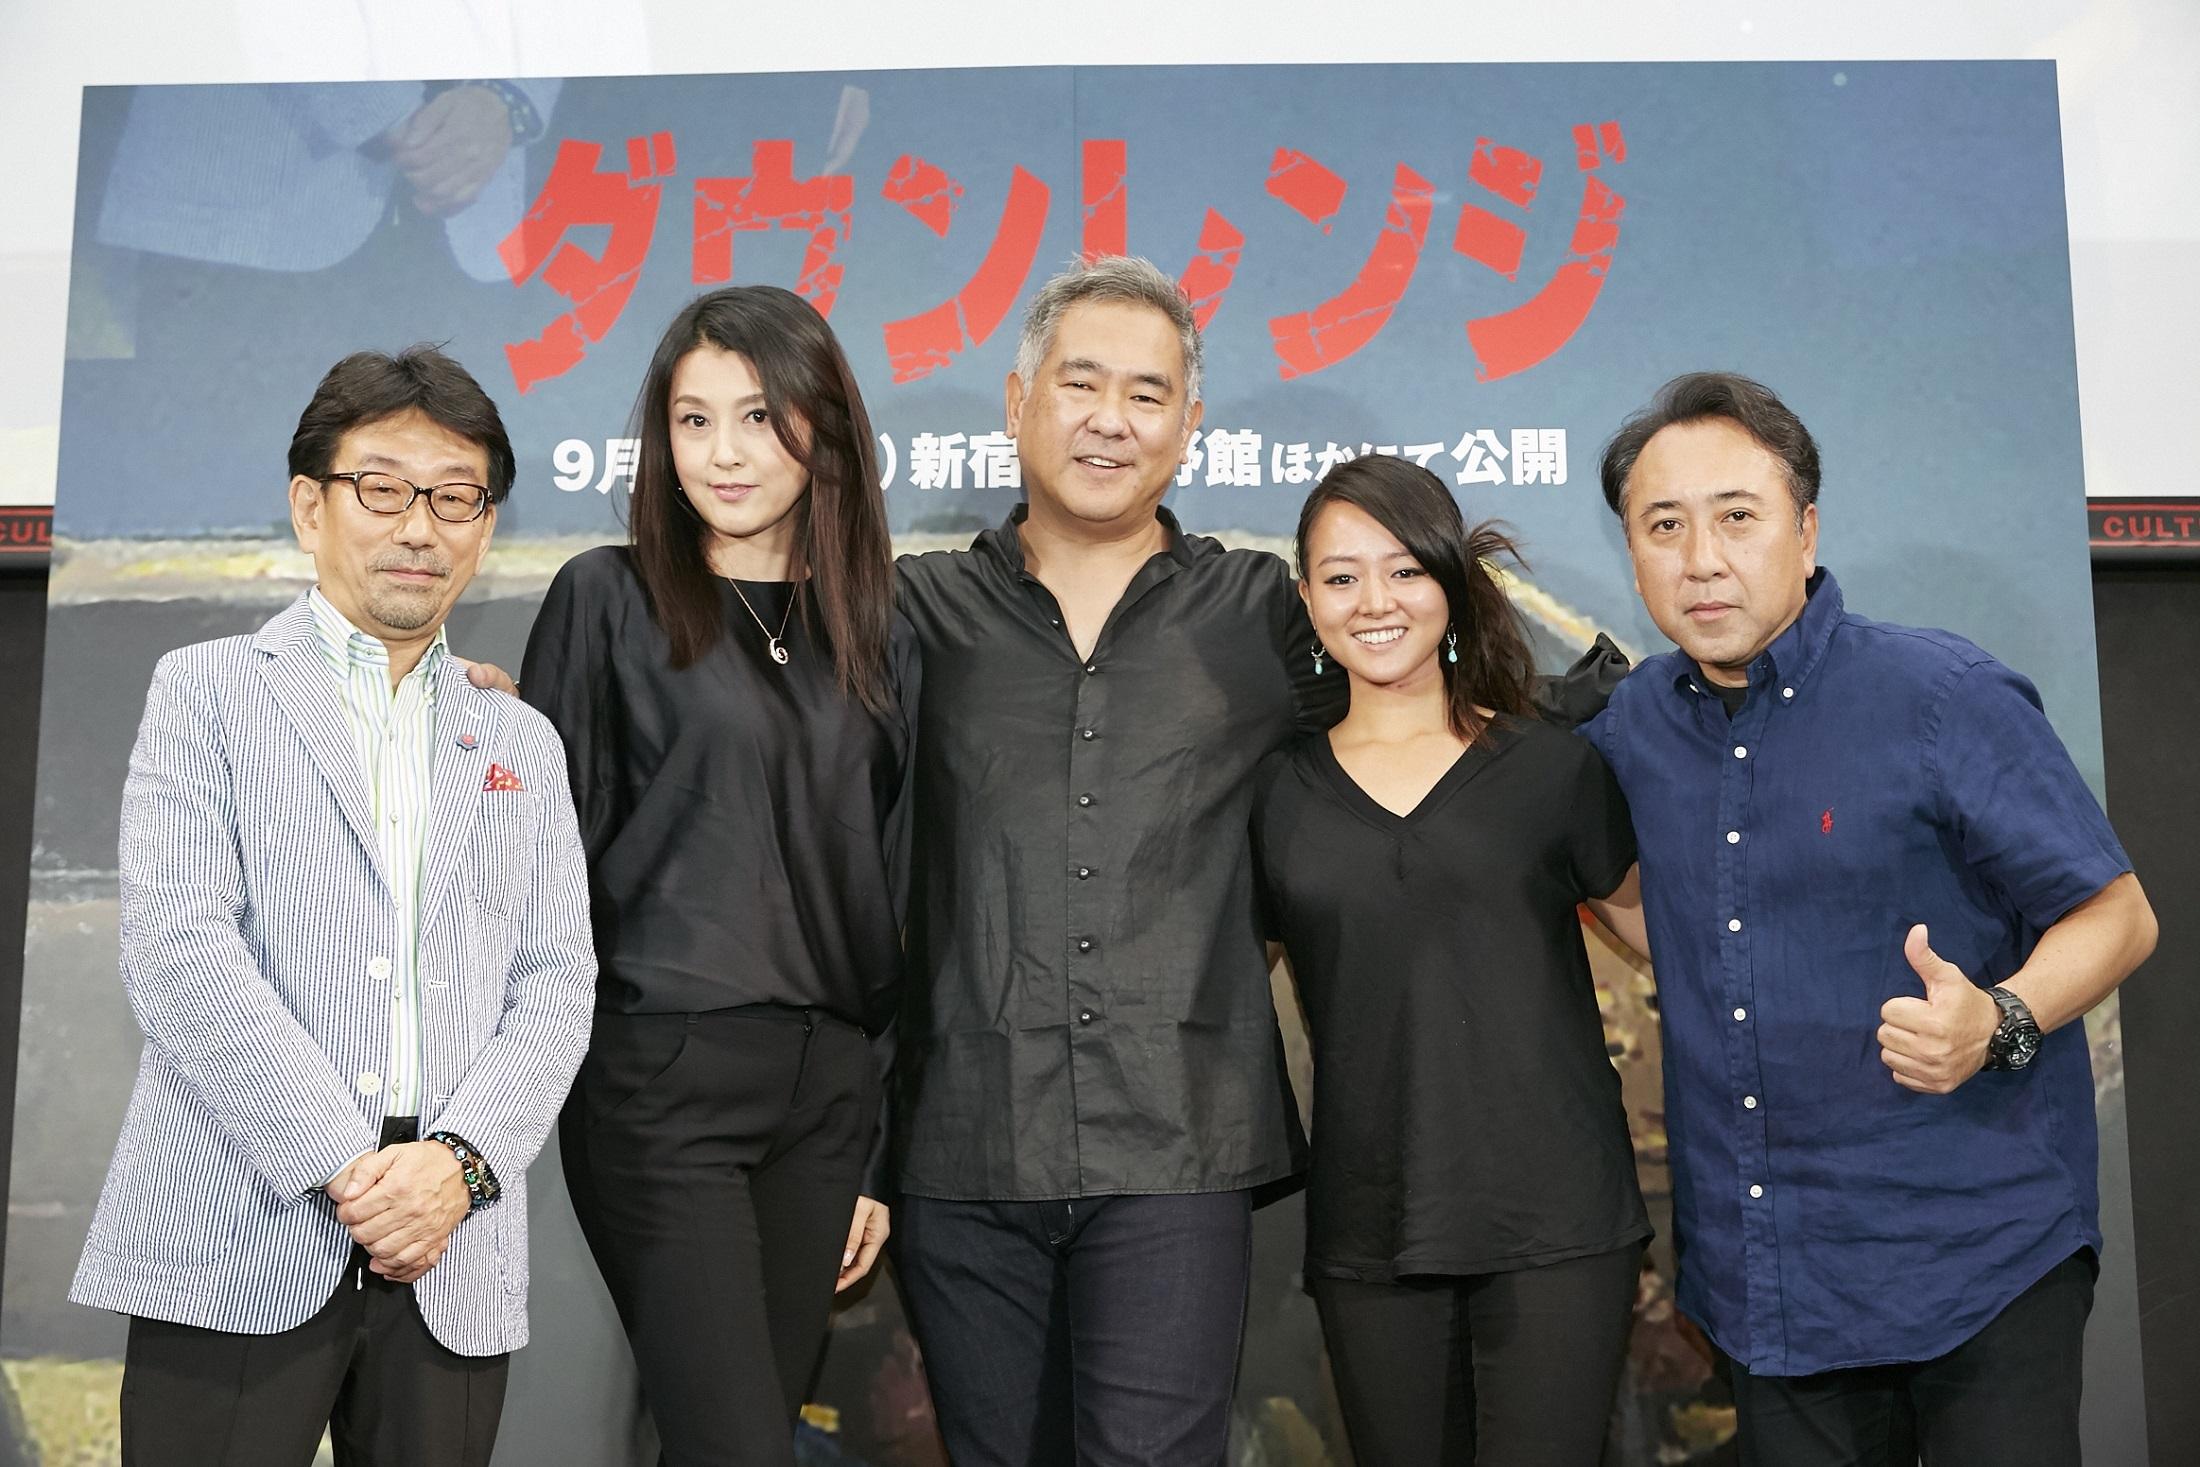 左から、真木太郎プロデューサー、藤原紀香、北村龍平監督、祐真キキ、陣内大蔵 『ダウンレンジ』ジャパンプレミアにて